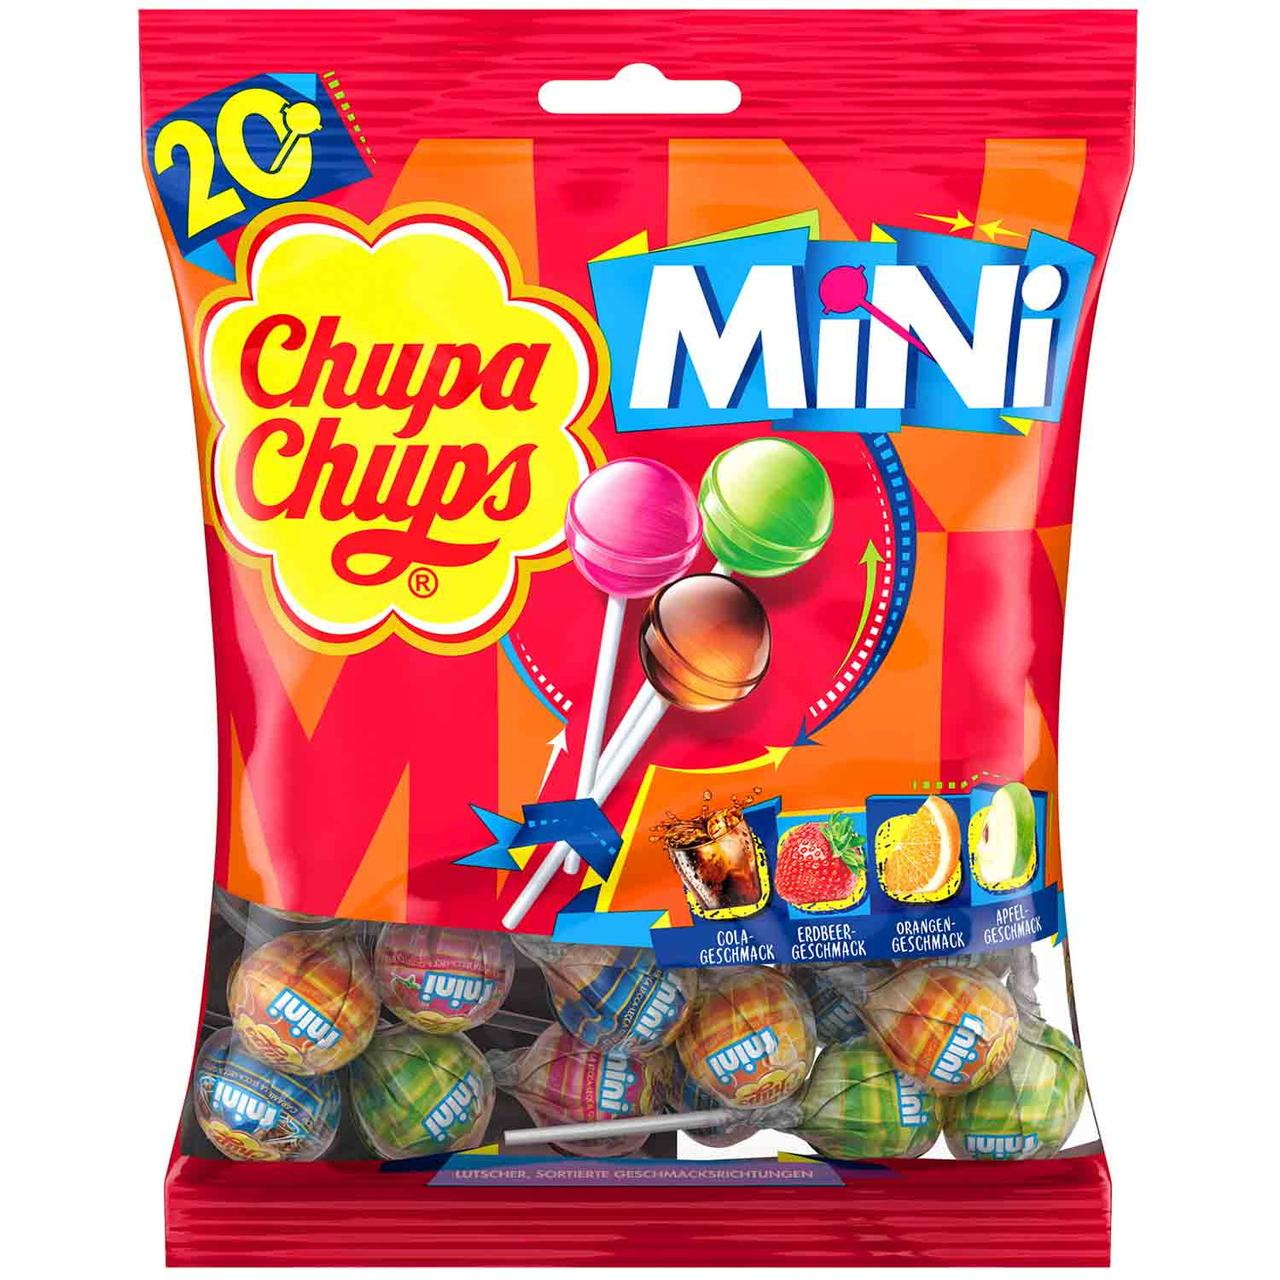 Леденцы чупа-чупс Chupa Chups Mini, 20 шт.